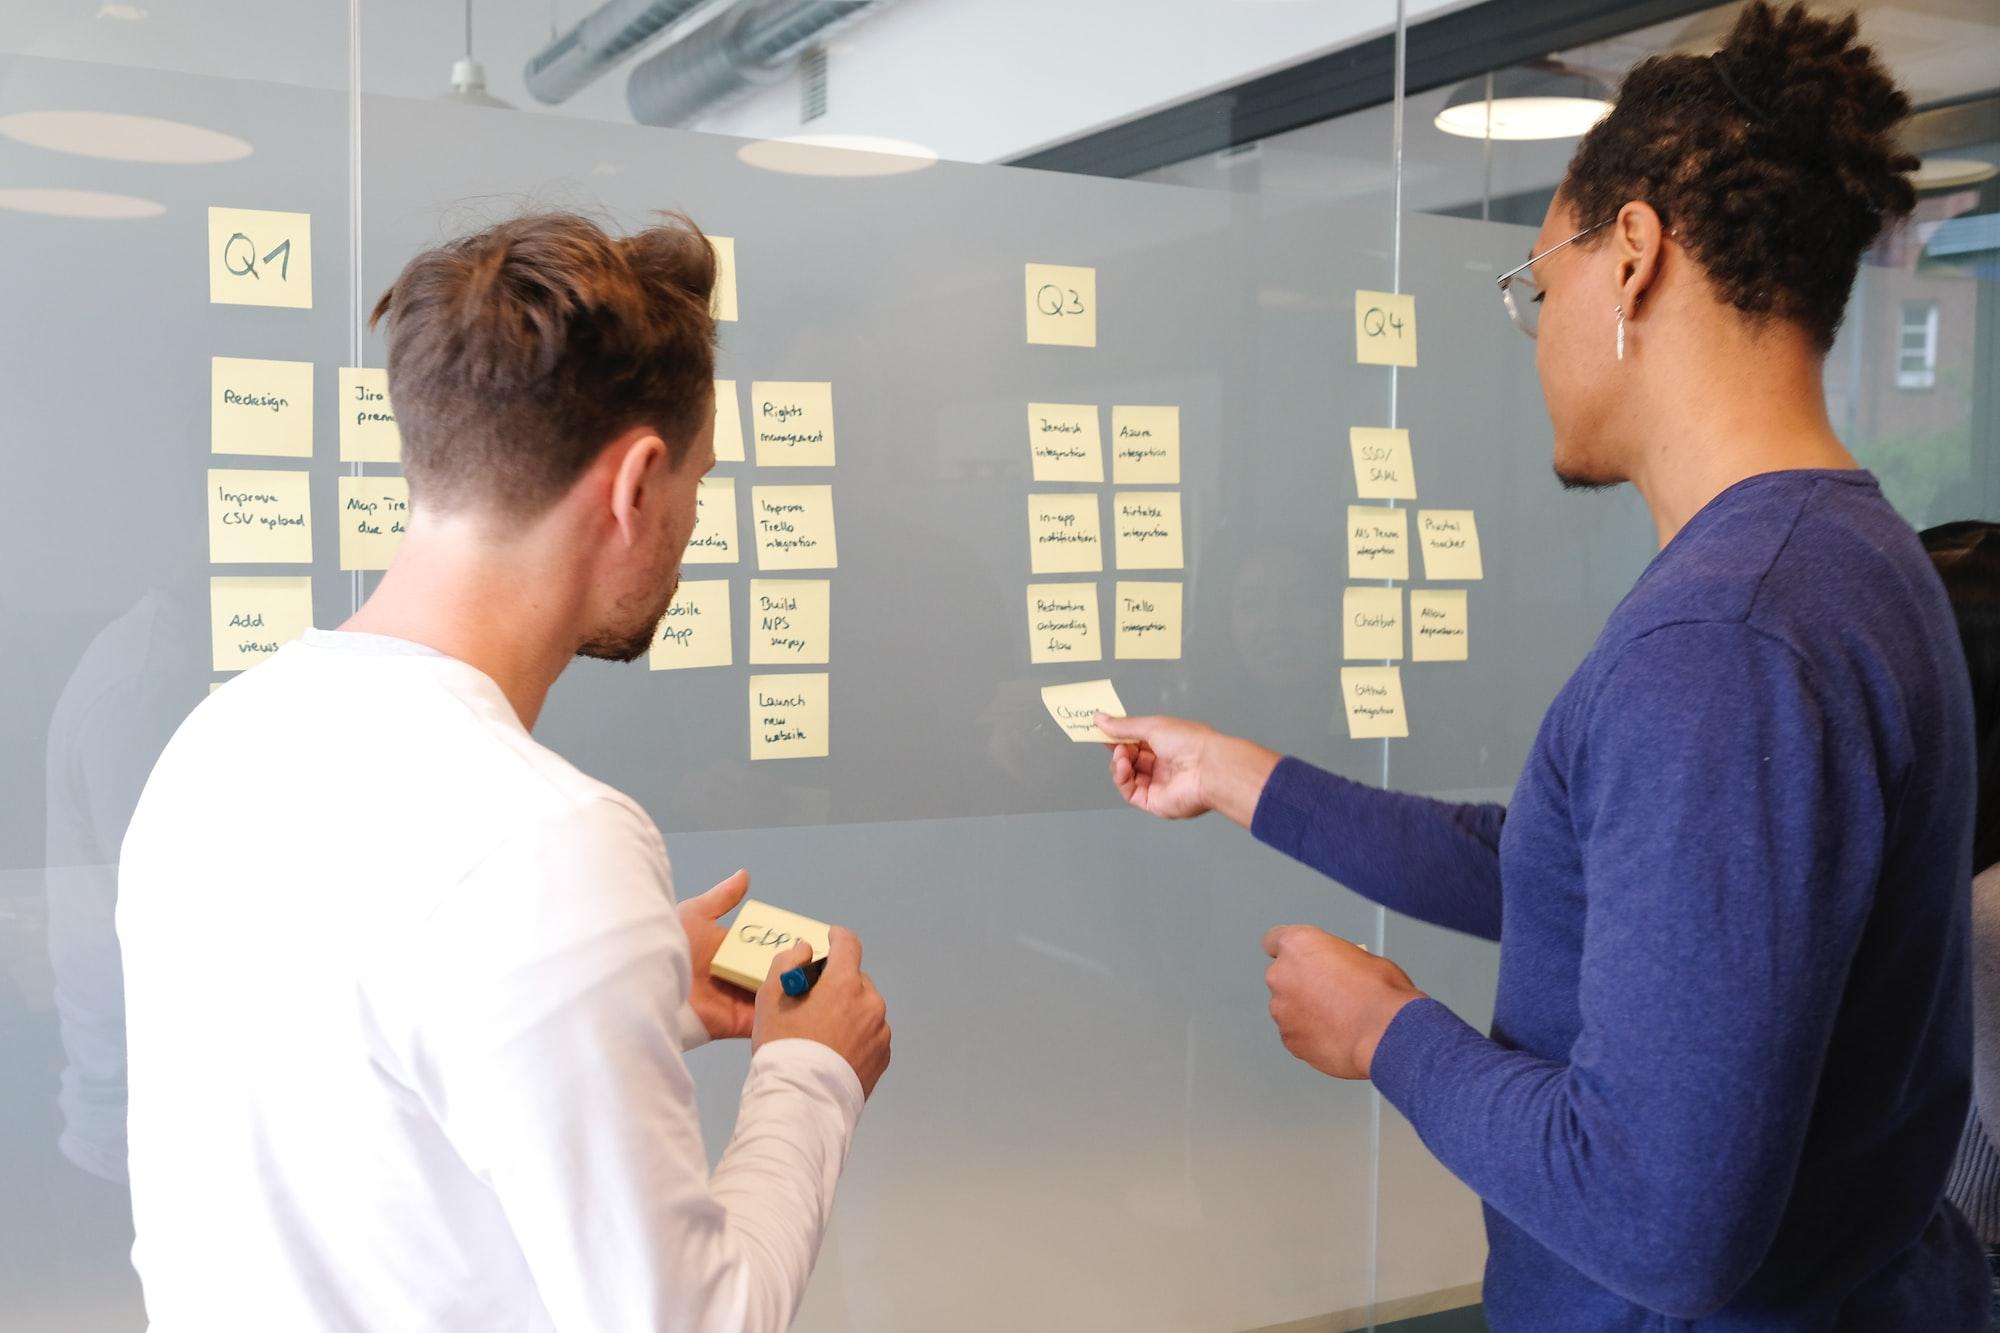 ¡6 pasos para desarrollar un producto digital exitoso!